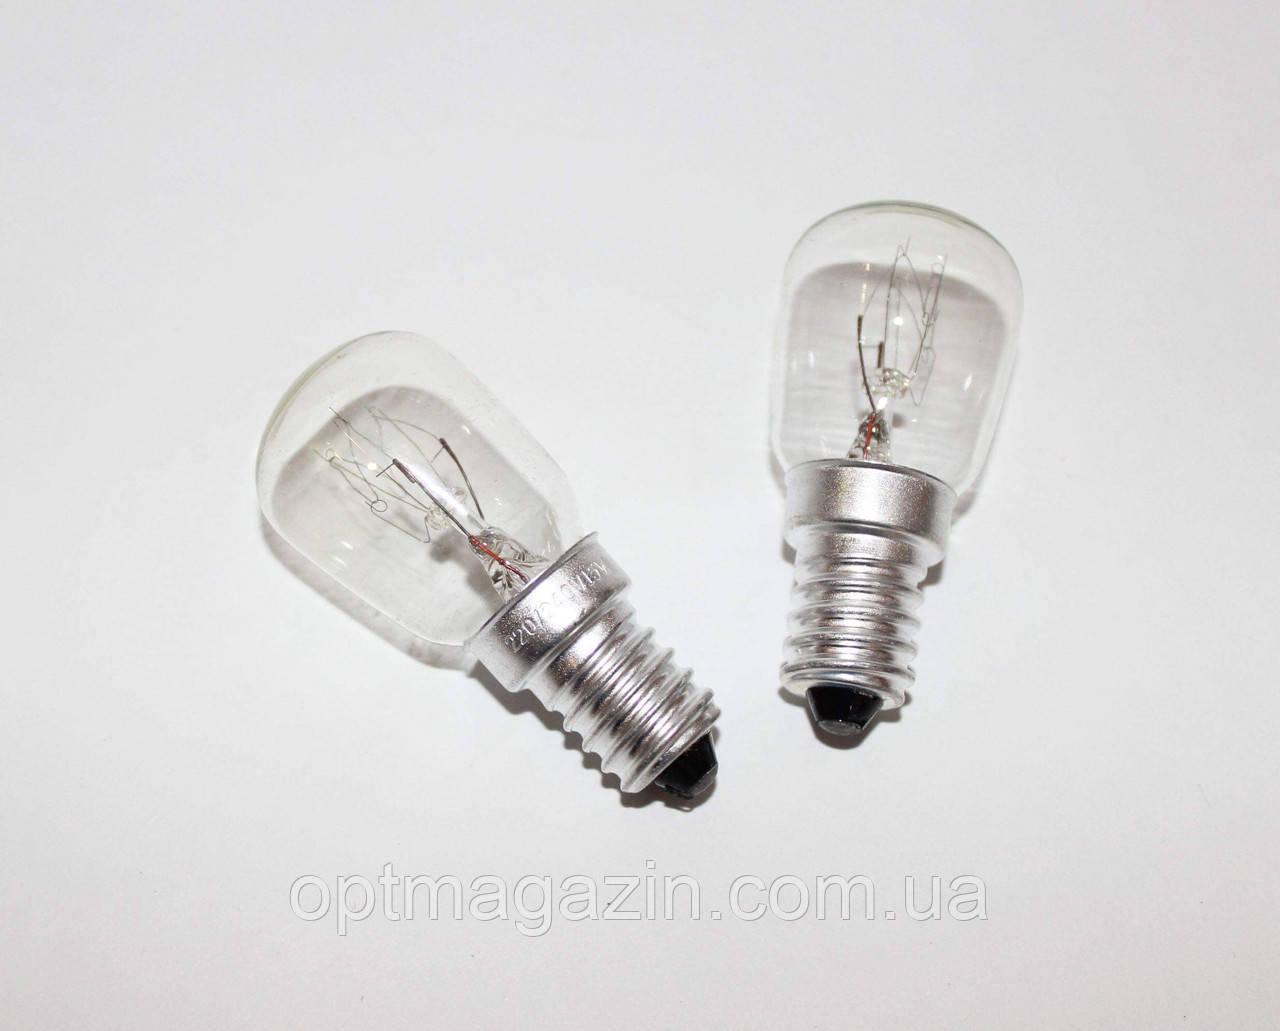 """Лампочки для холодильника и швейной машинки E14 220V 15W """"В индивидуальной коробке"""""""